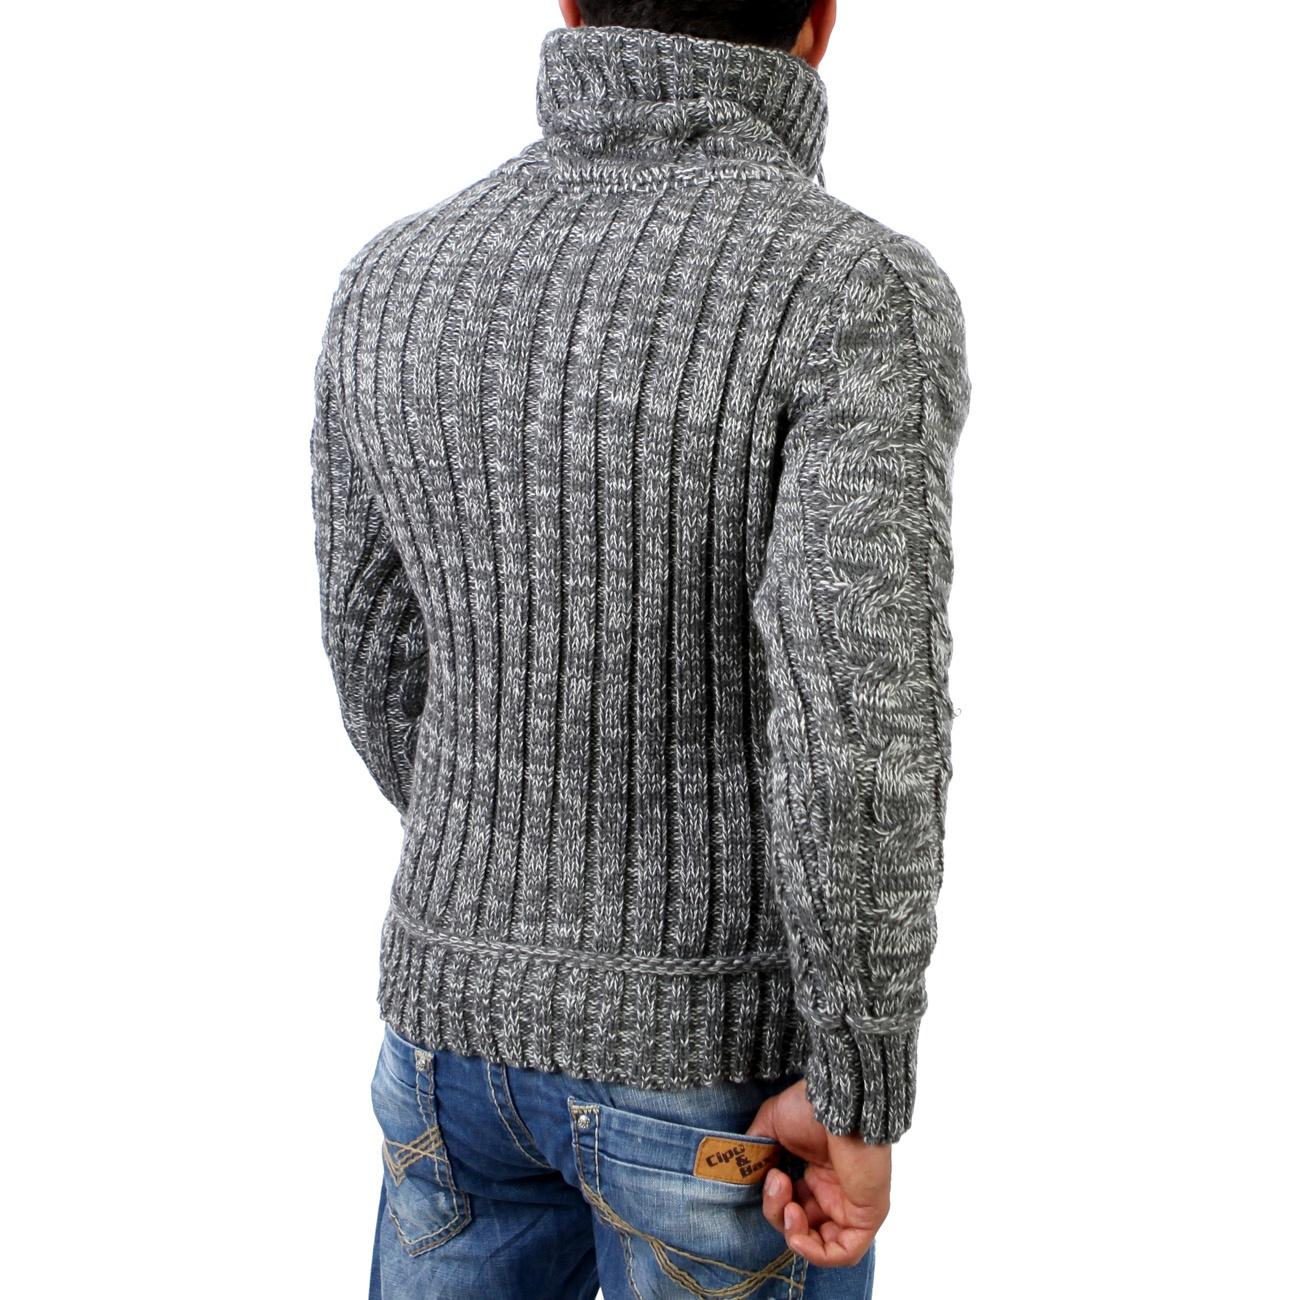 reslad hoher kragen pullover grobstrick pulli strick jacke. Black Bedroom Furniture Sets. Home Design Ideas